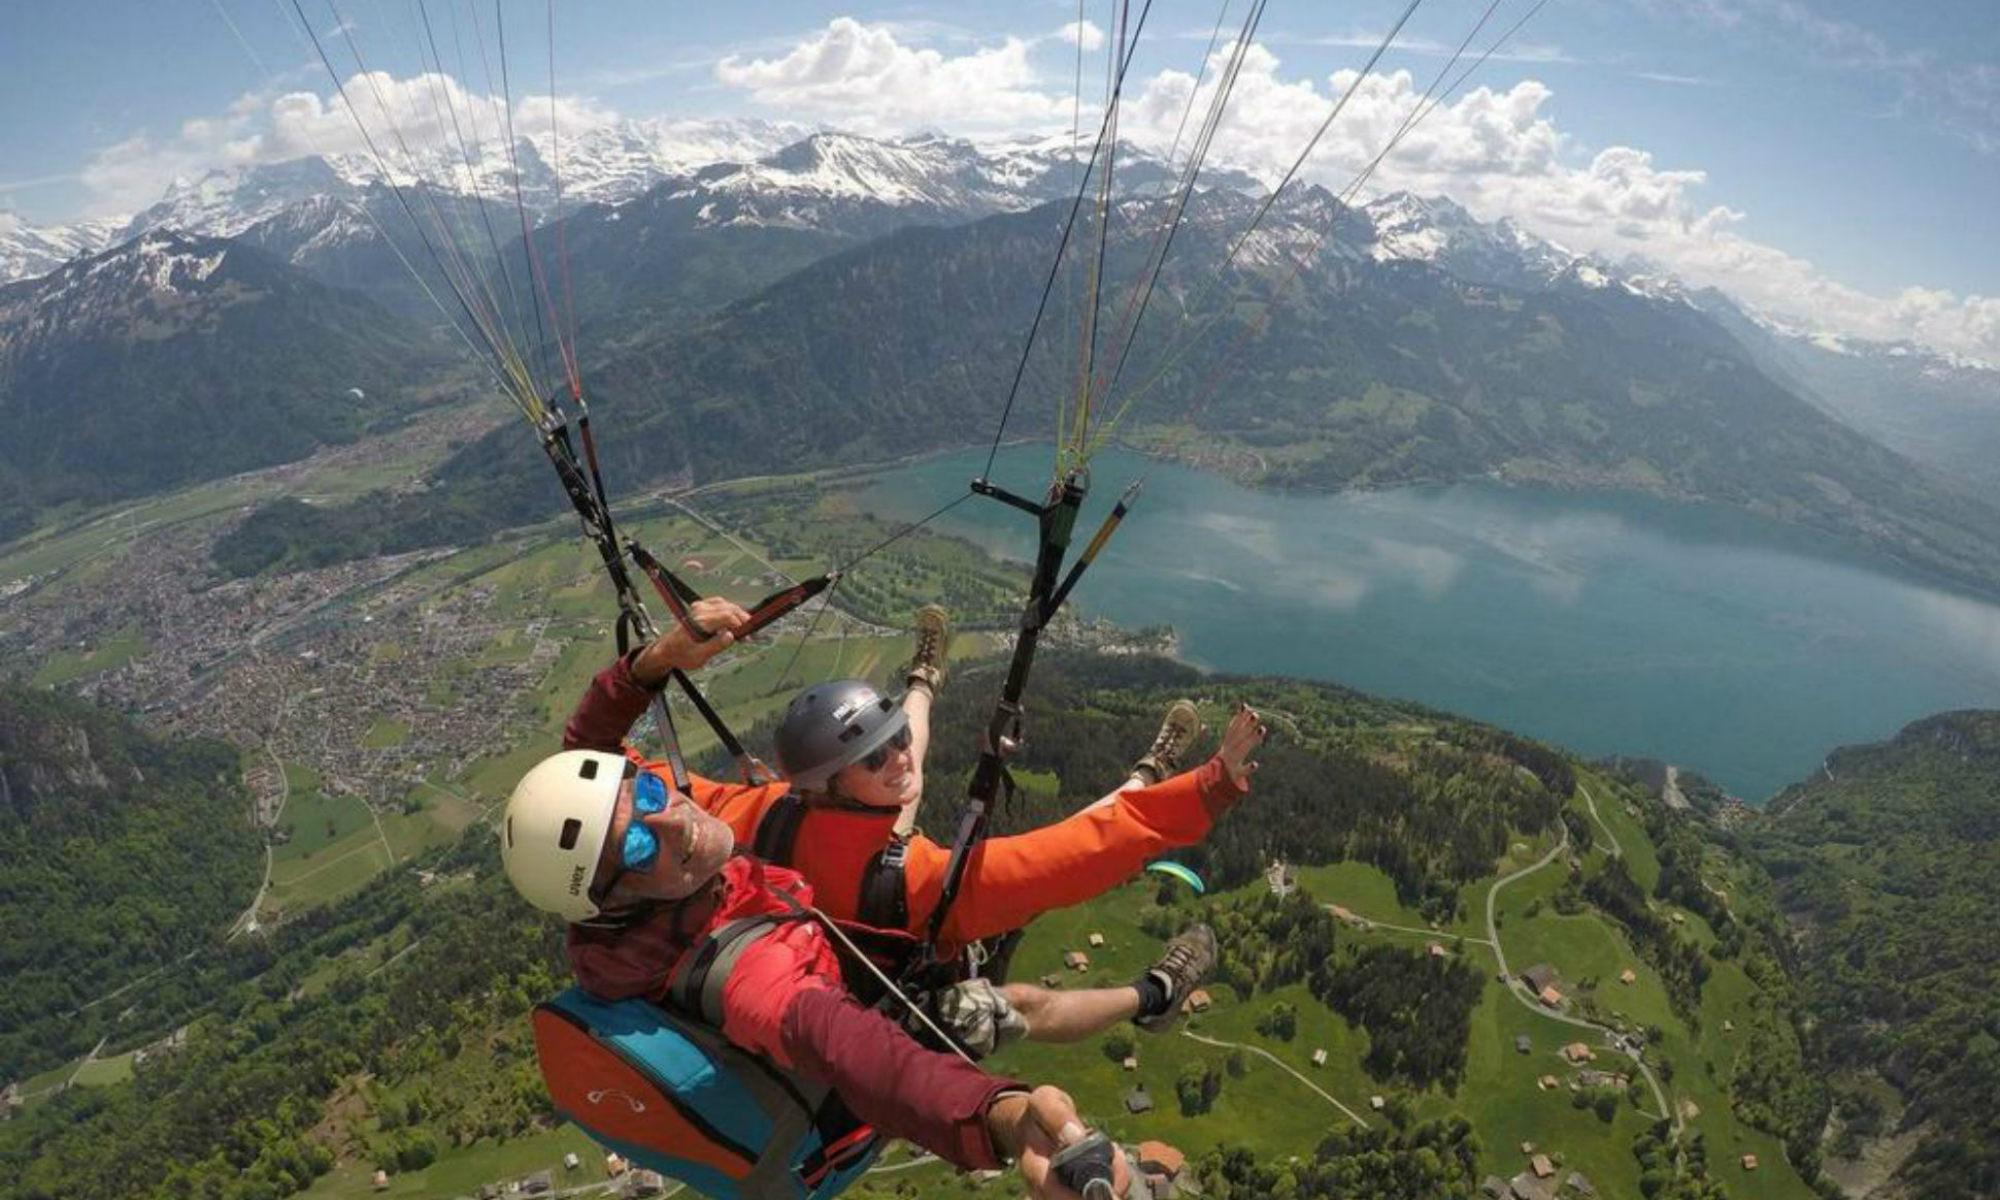 Ein Tandemflug über der Stadt Interlaken und dem Thunersee.